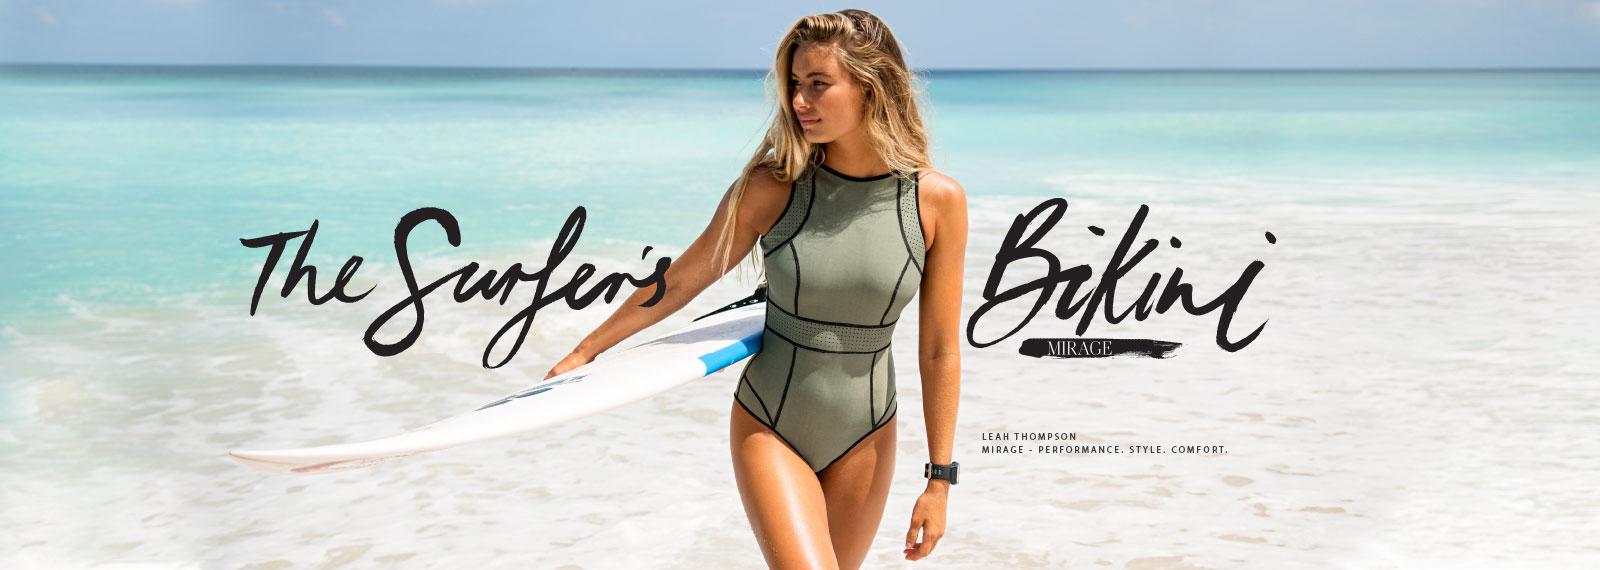 SurfersBikini-Banner-Desktop-018abf25-4da0-4e8b-b01f-348cd183751f